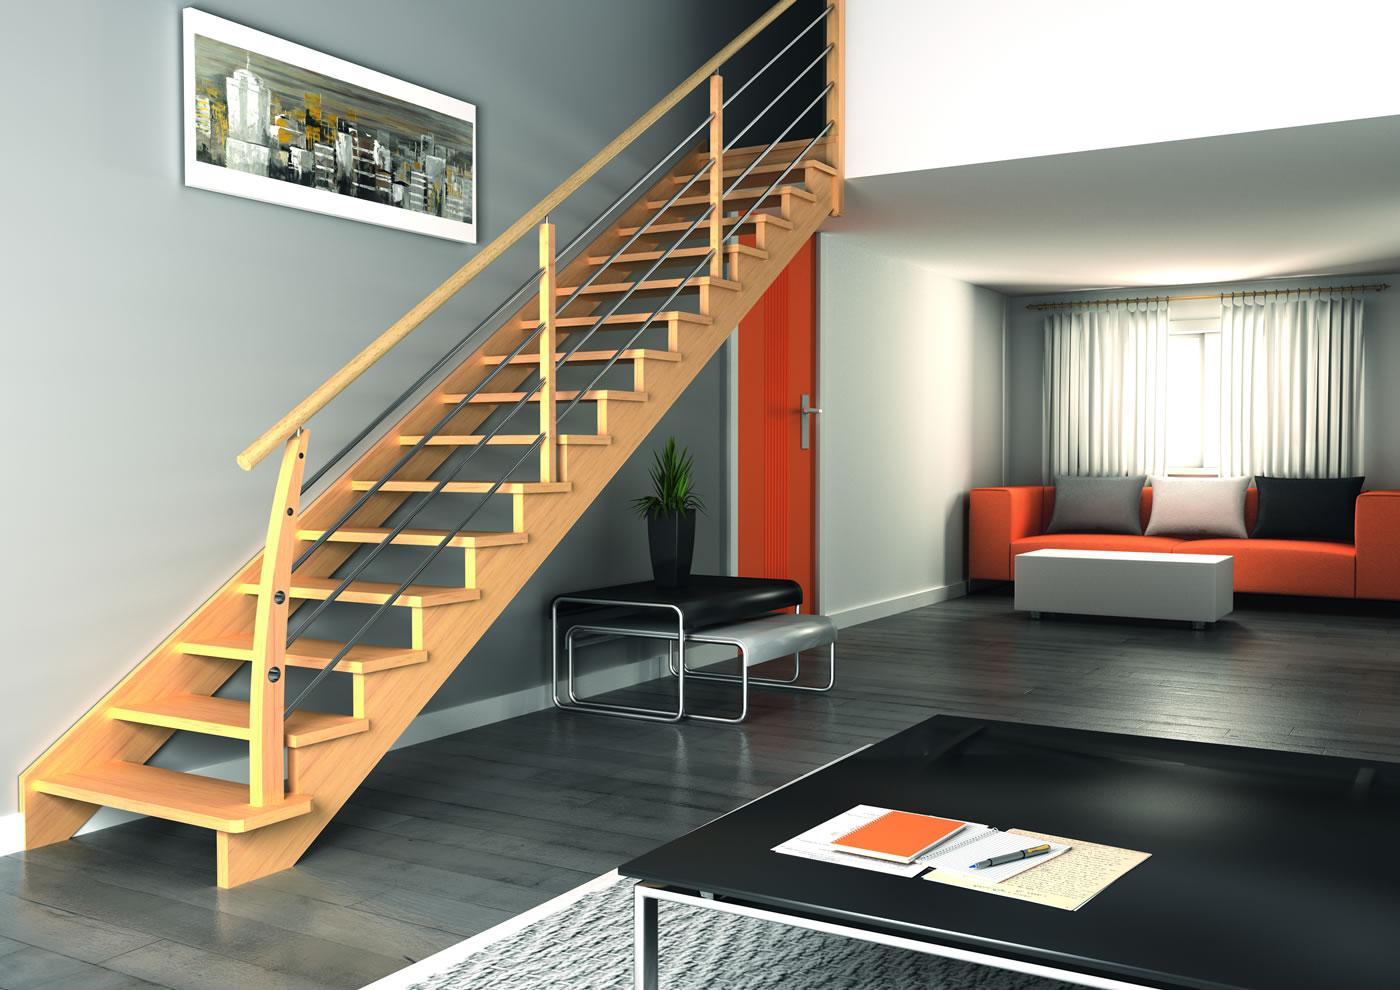 escaliers bois volution groupe riaux escaliers. Black Bedroom Furniture Sets. Home Design Ideas